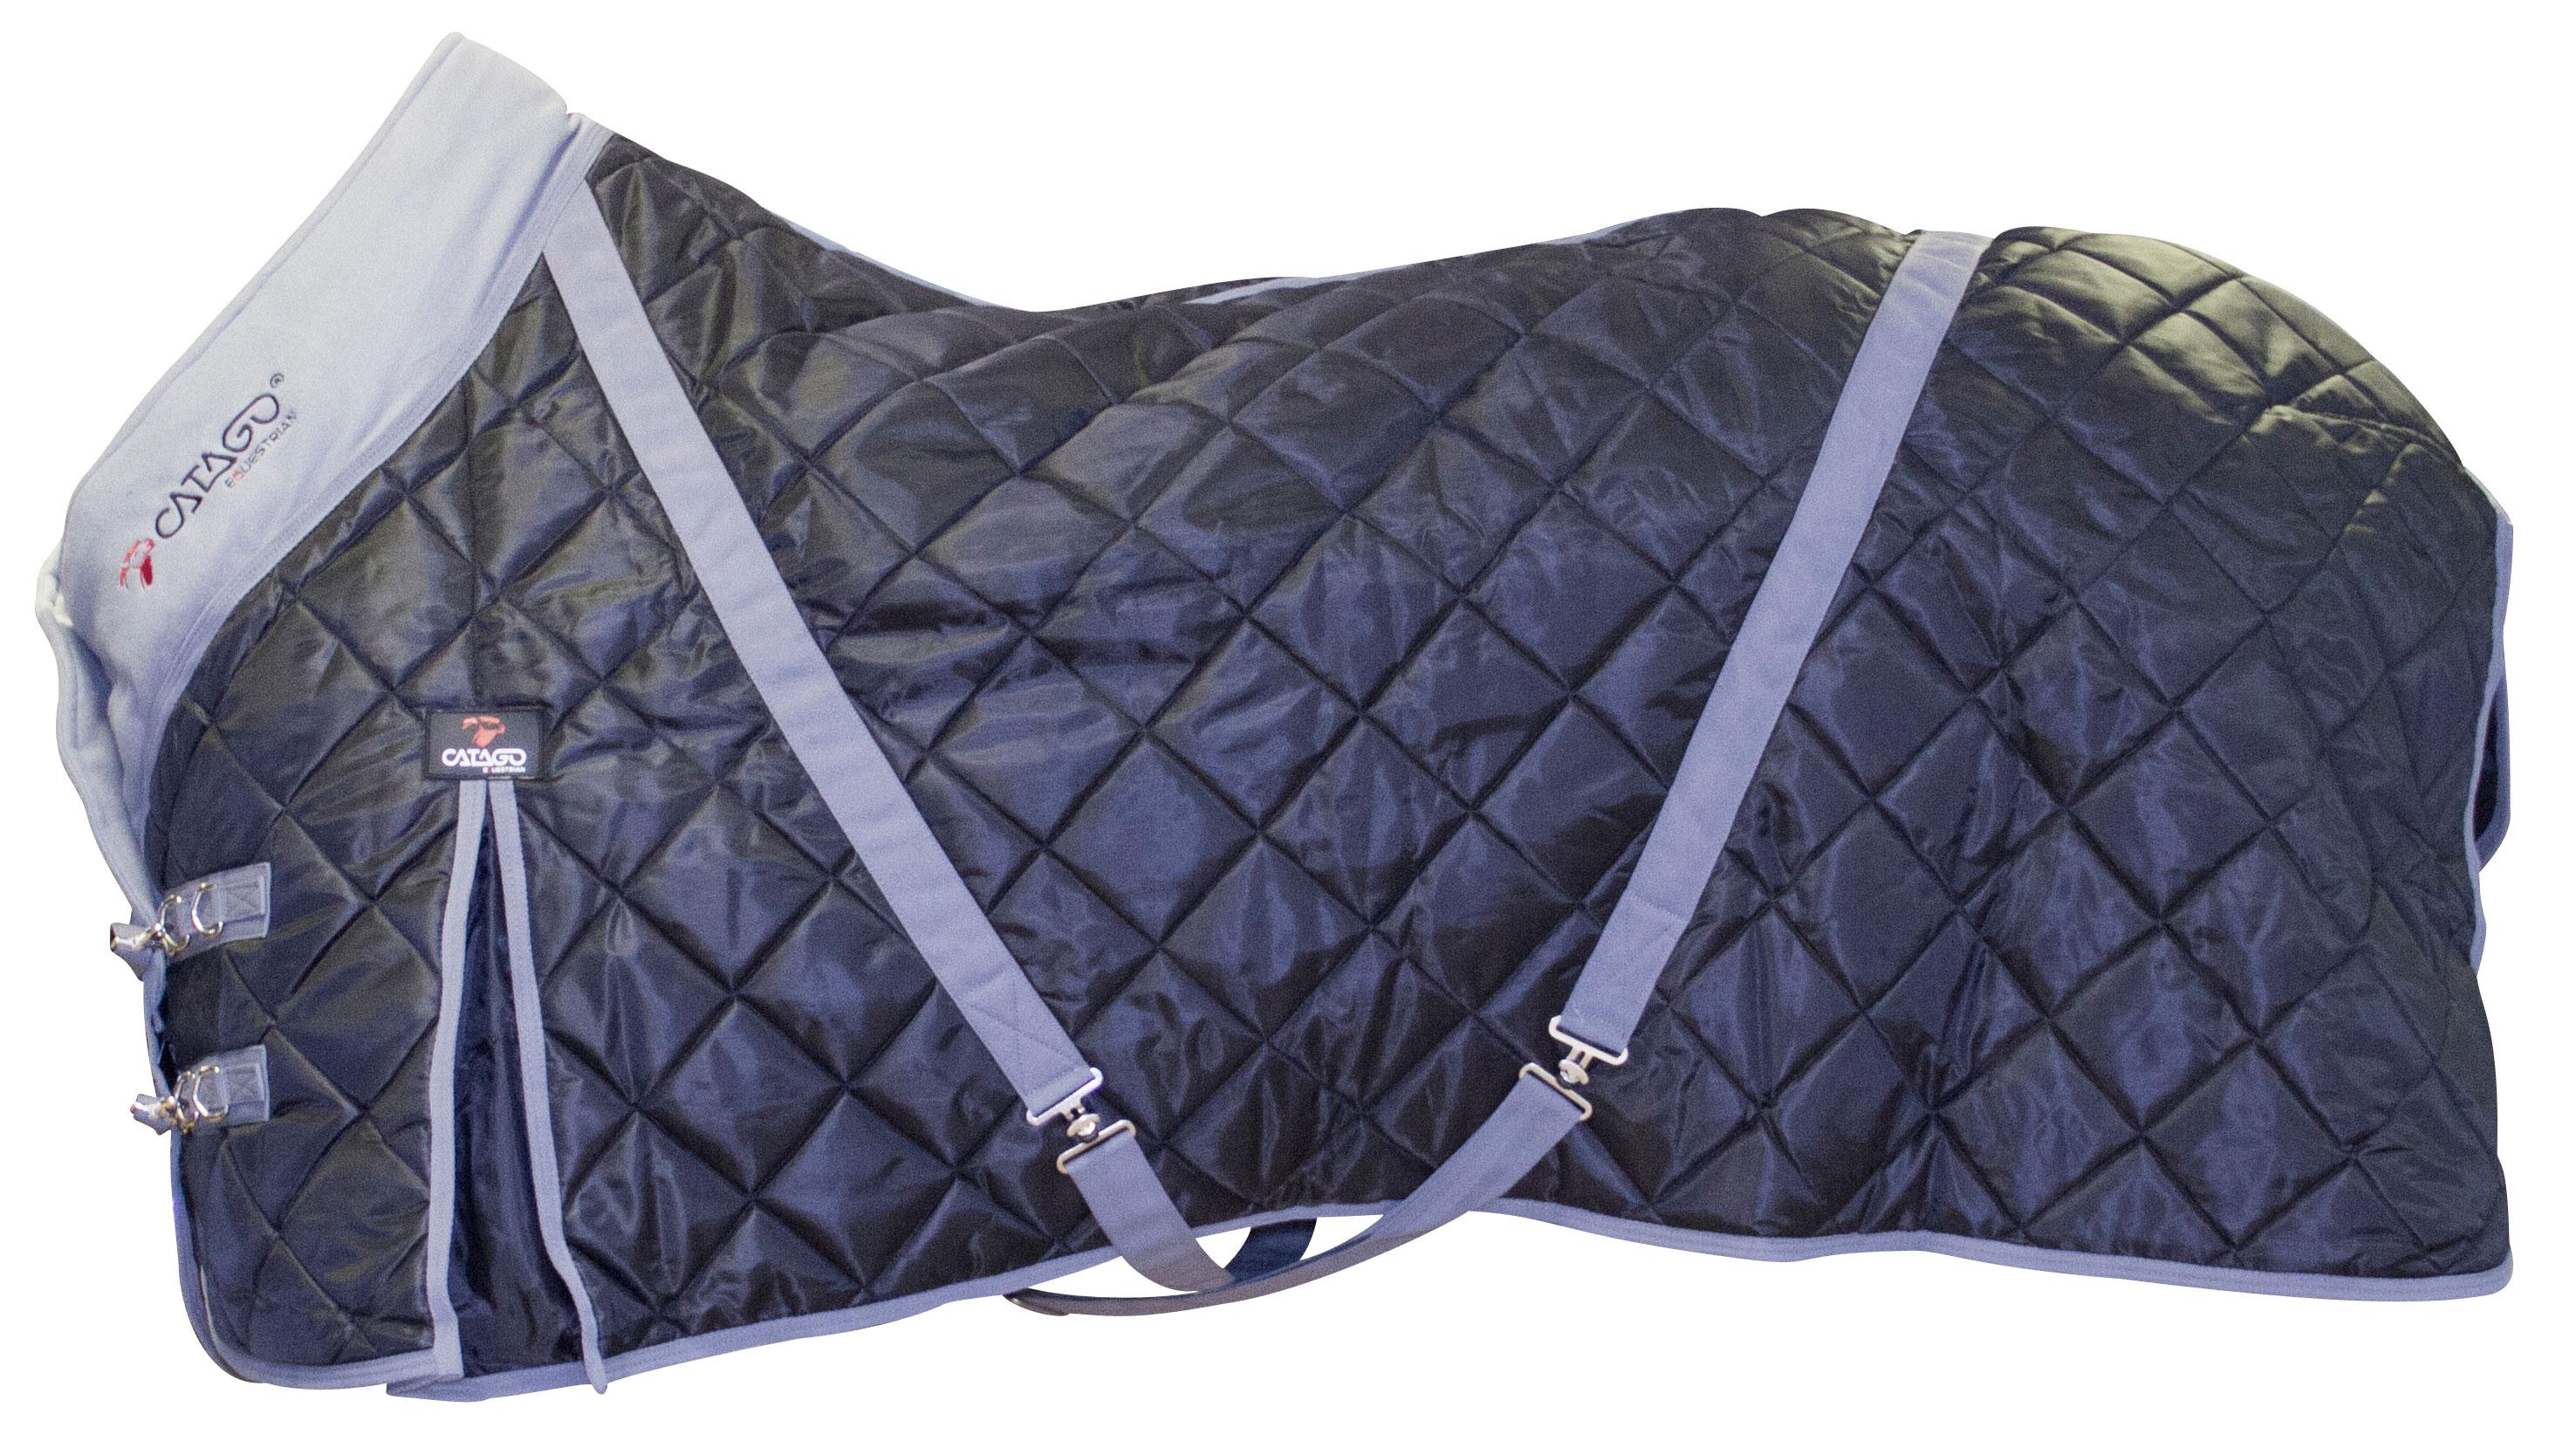 Afbeelding van Catago staldeken zwart/grijs 100g